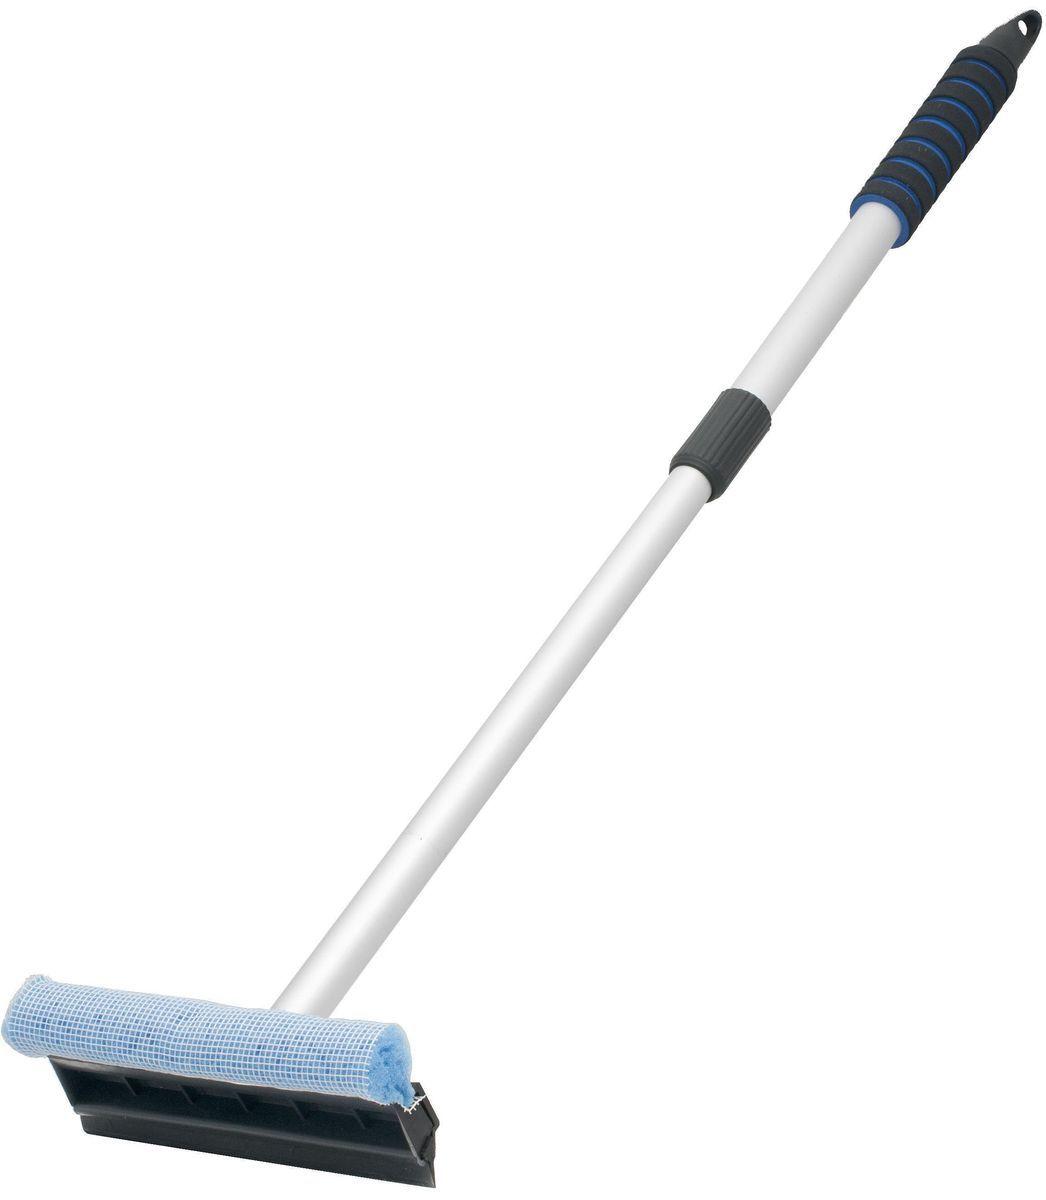 Водосгон Главдор GL-563, на телескопической ручке, цвет: голубой19201Телескопический, алюминиевый водосгон с удобным держателем из пенополиэтилена, длина раздвигающейся ручки55 - 85см. Снабжен резиновым лезвием и поролоновой губкой для эффективной очистки загрязненных поверхностей.